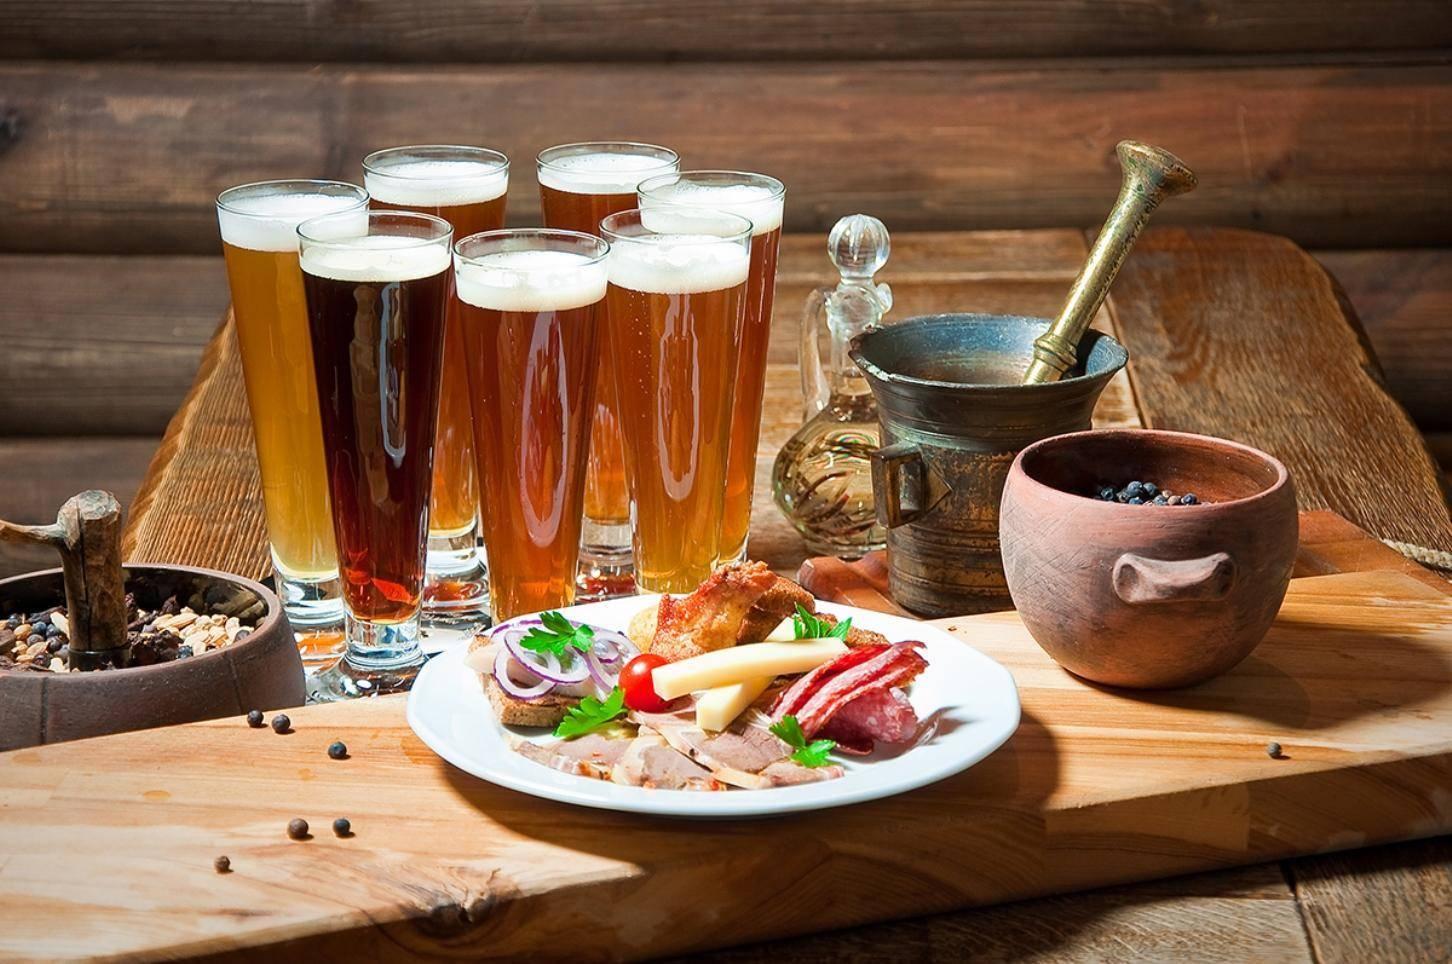 С чем пить пиво: правила смешивания с другим алкоголем, какие вкусные закуски есть, можно ли употреблять с шампанским и водкой, советы на видео | suhoy.guru